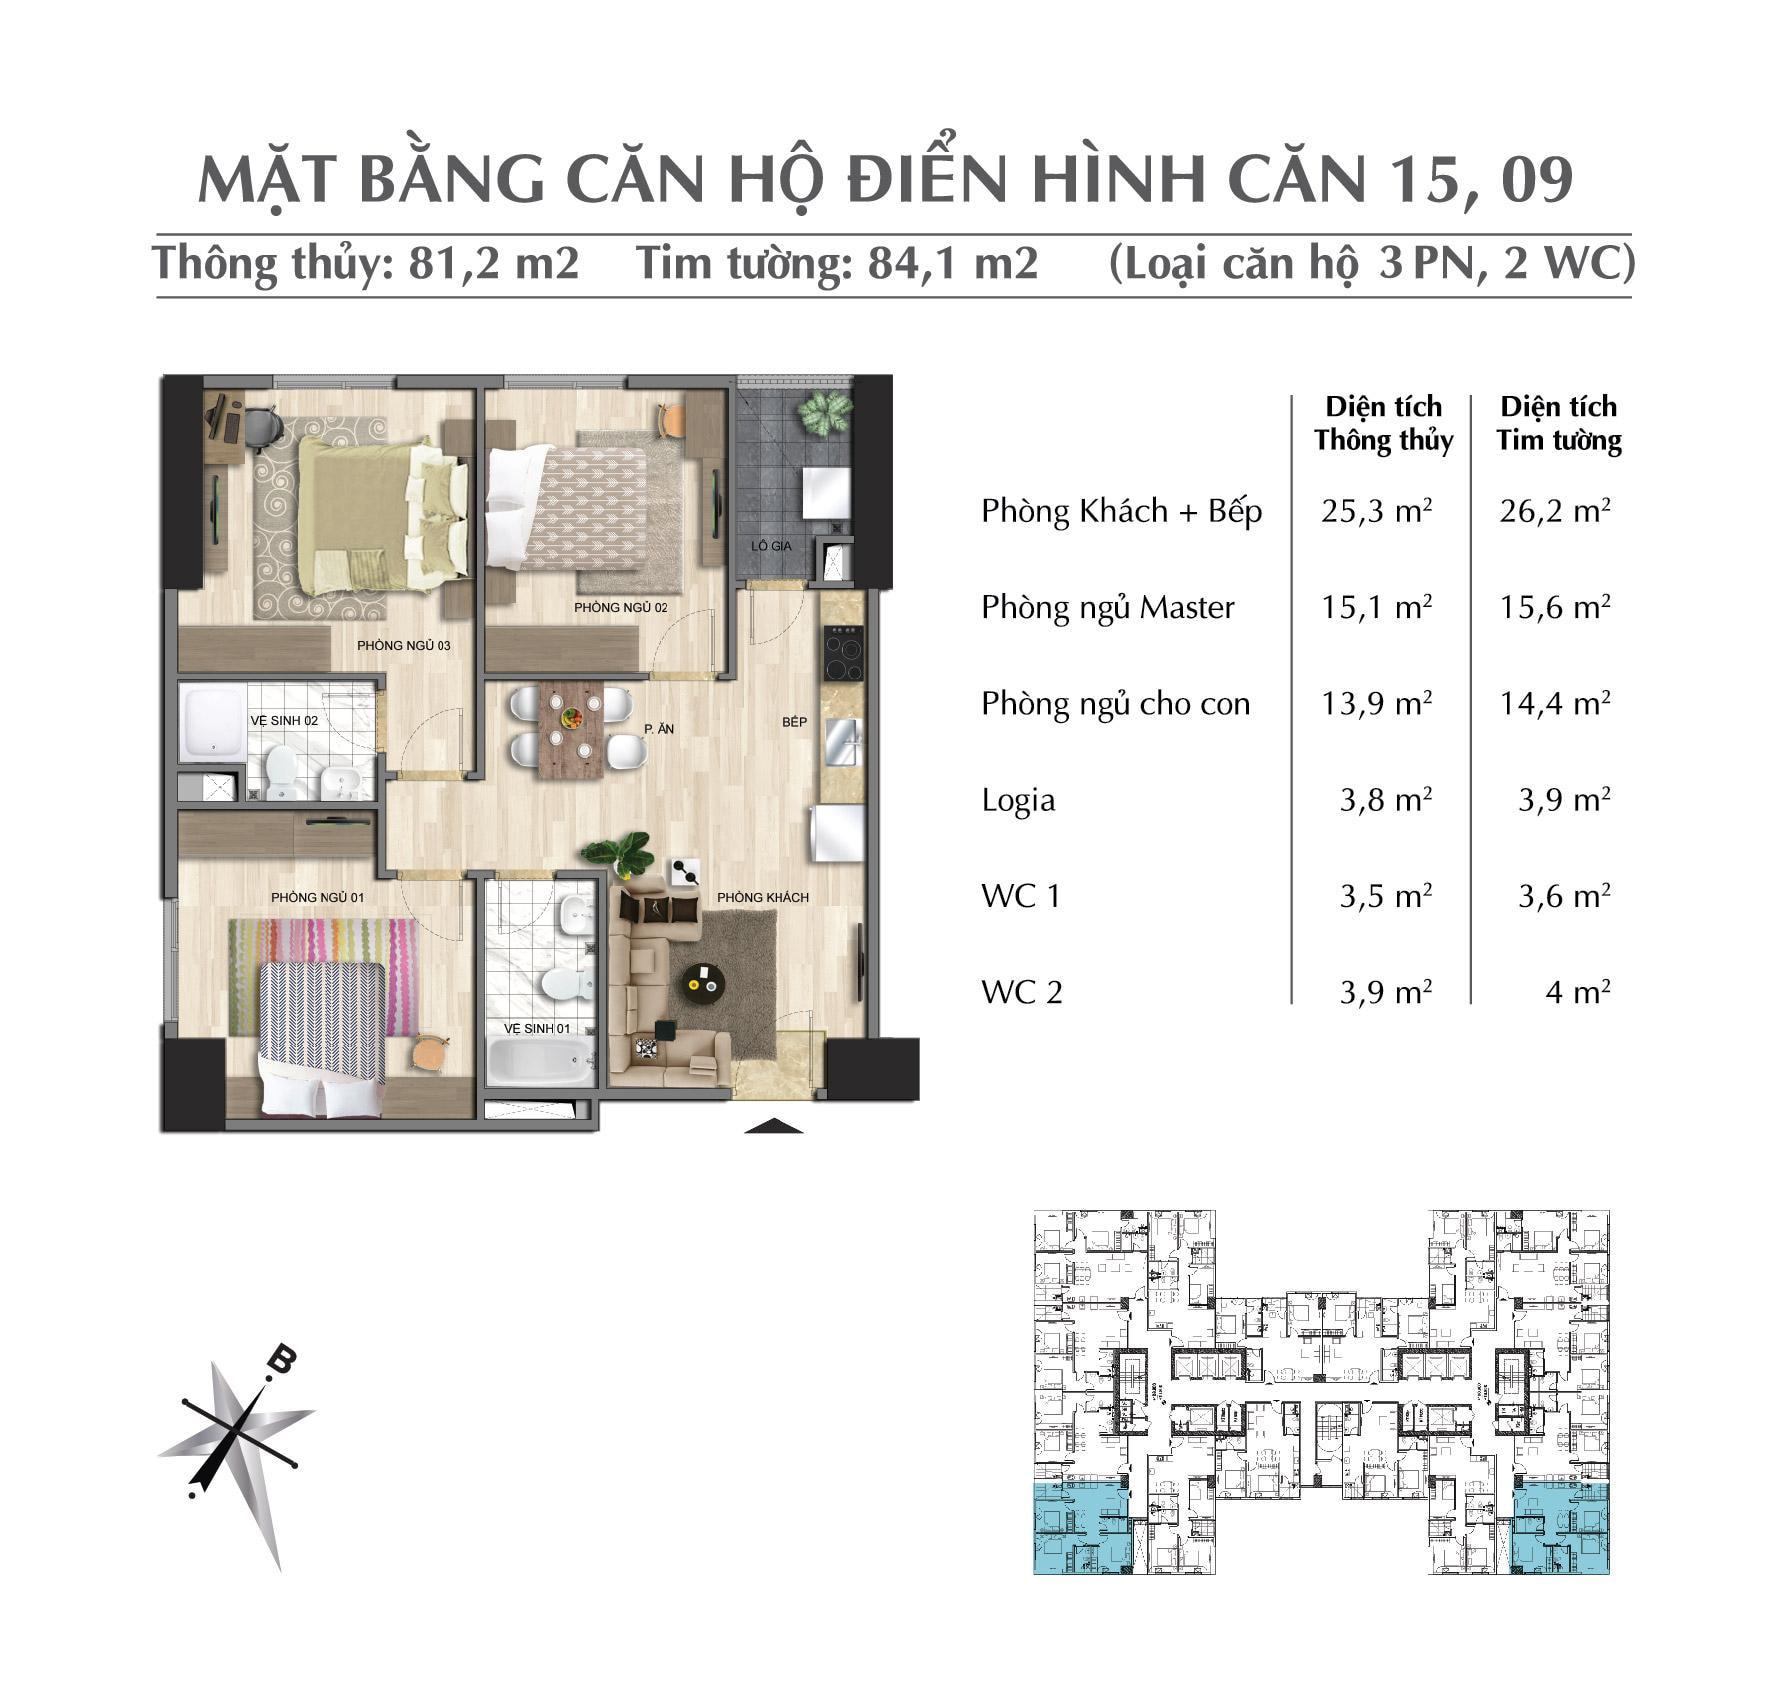 Thiết kế căn 81,2 m2 tòa Park 1 + 2 + 3